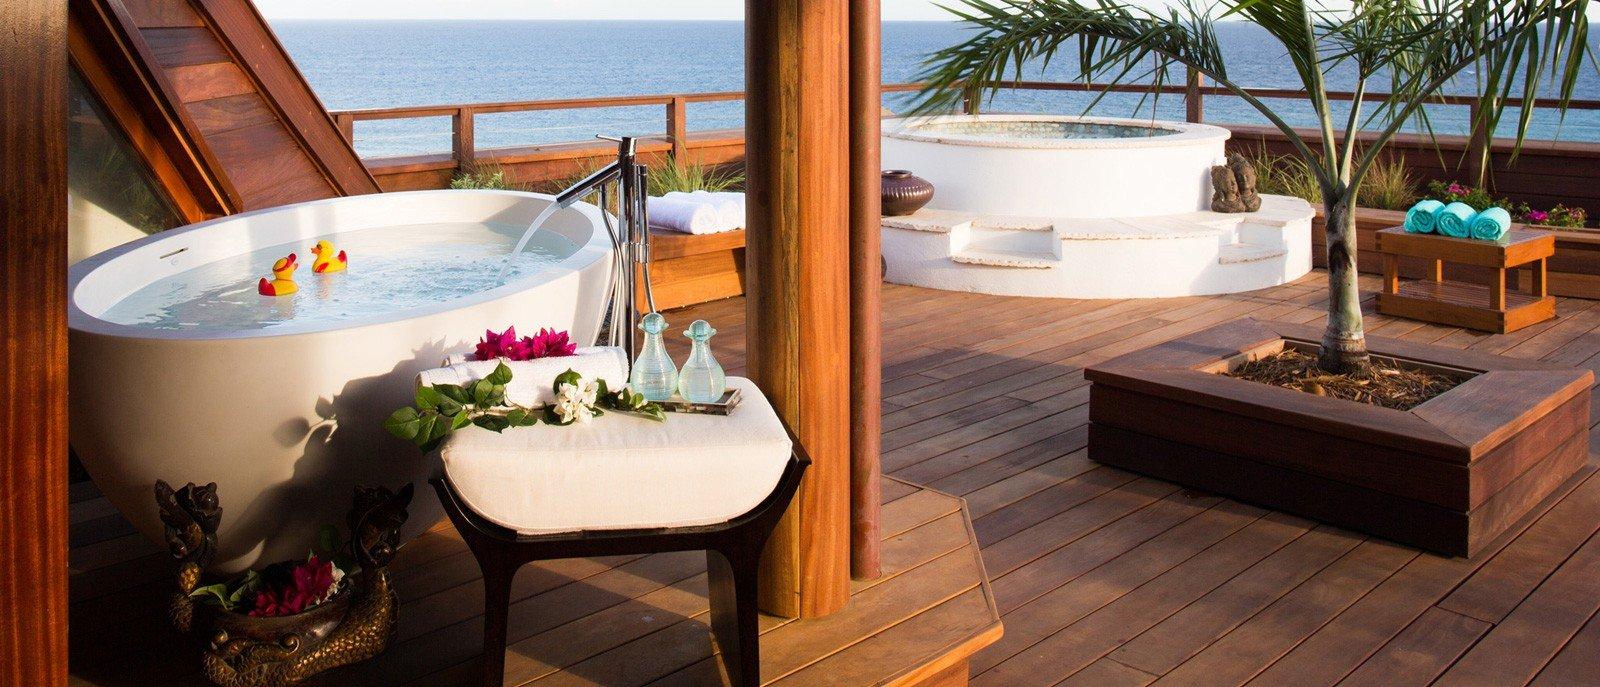 Wollen Sie Ihr Badezimmer in einen Ort der Romantik verwandeln, setzen Sie auf ein paar schöne Glasvasen mit duftenden Blumen und Holzvorleger auf dem Boden.